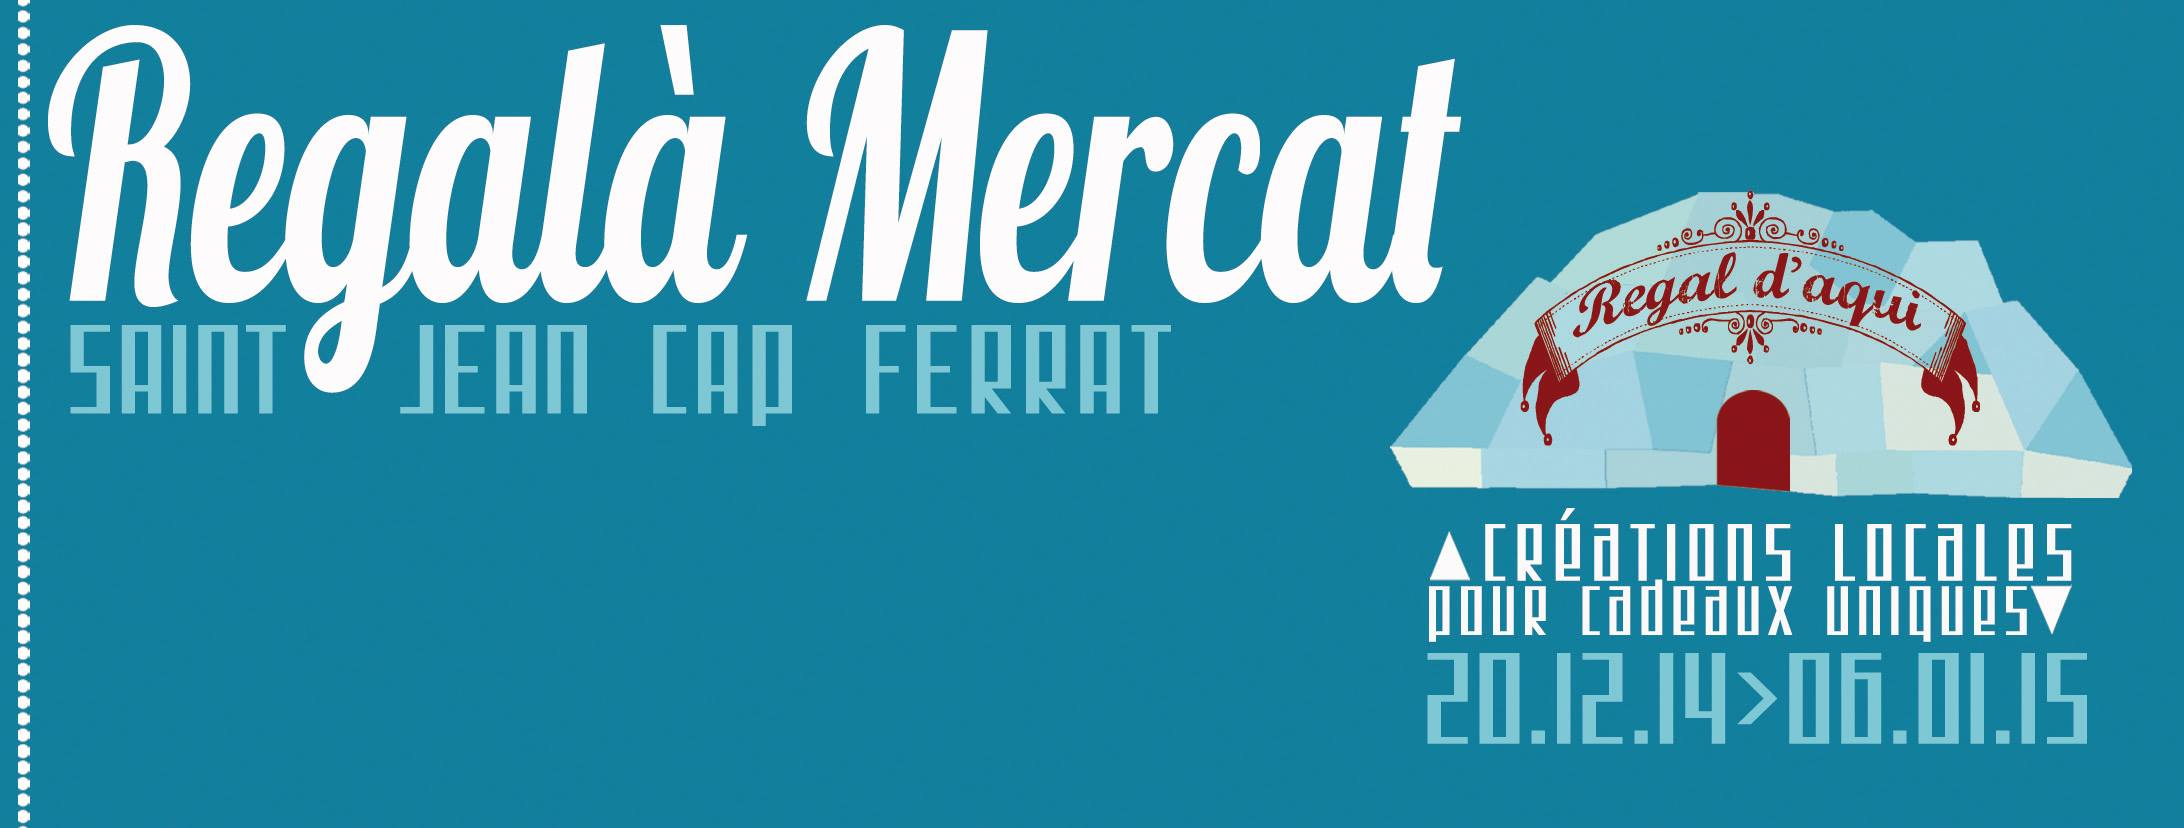 DECEMBRE POLAIRE & REGALA MERCAT